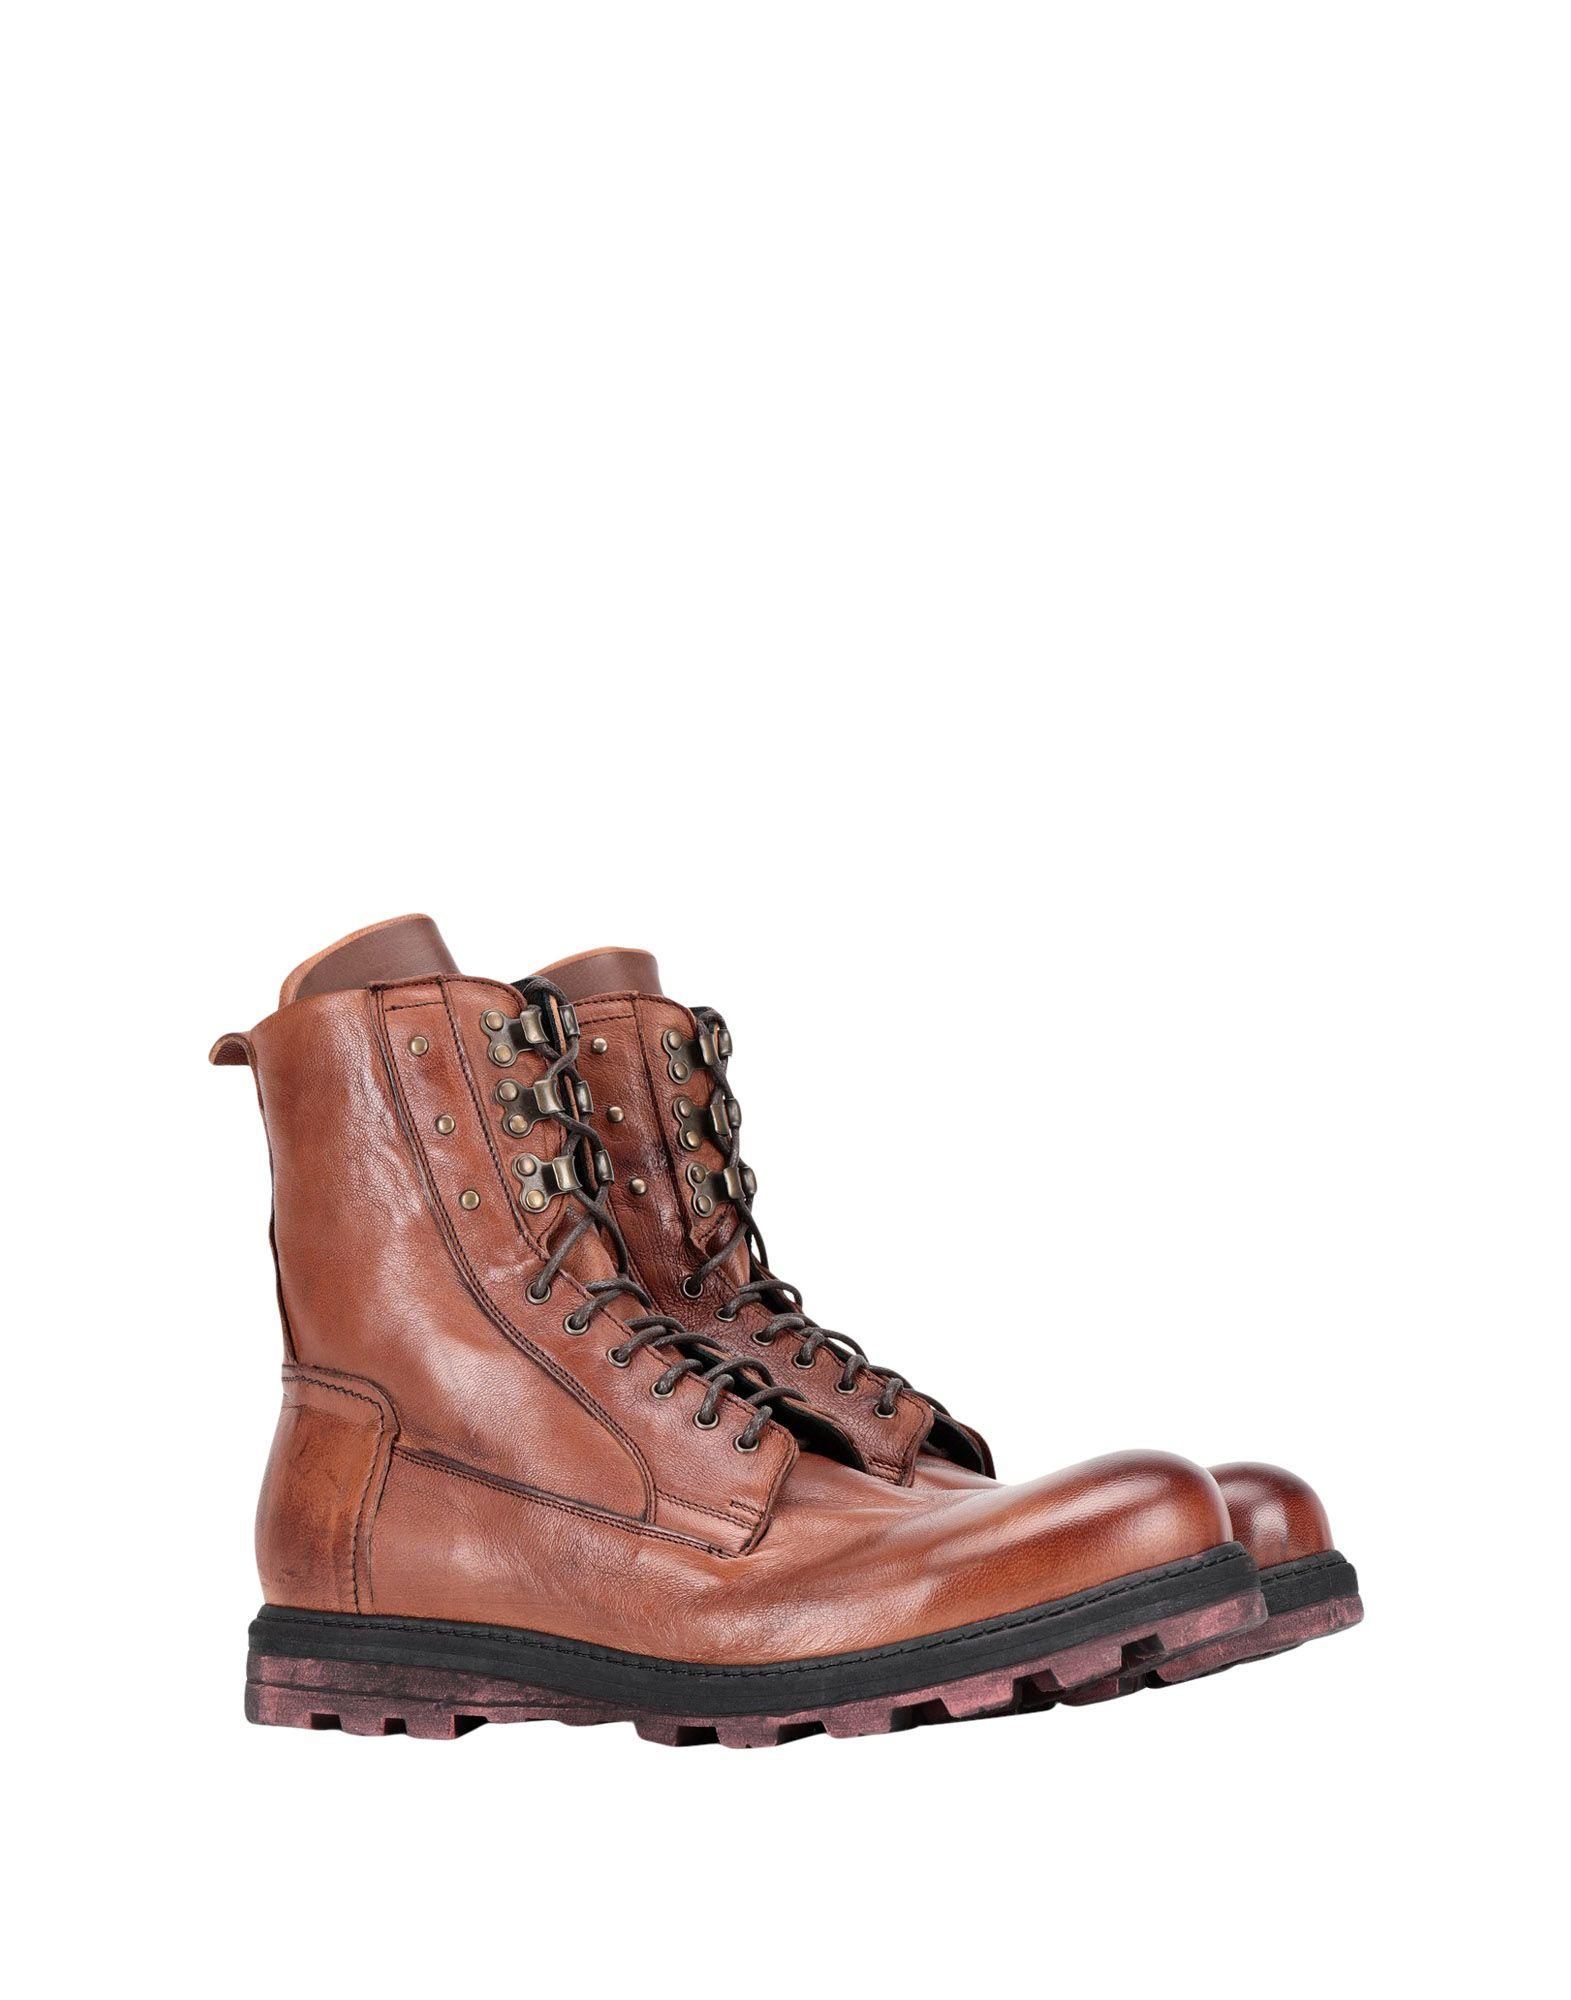 Mckanty Stiefelette Herren  11535975VT Gute Qualität beliebte Schuhe